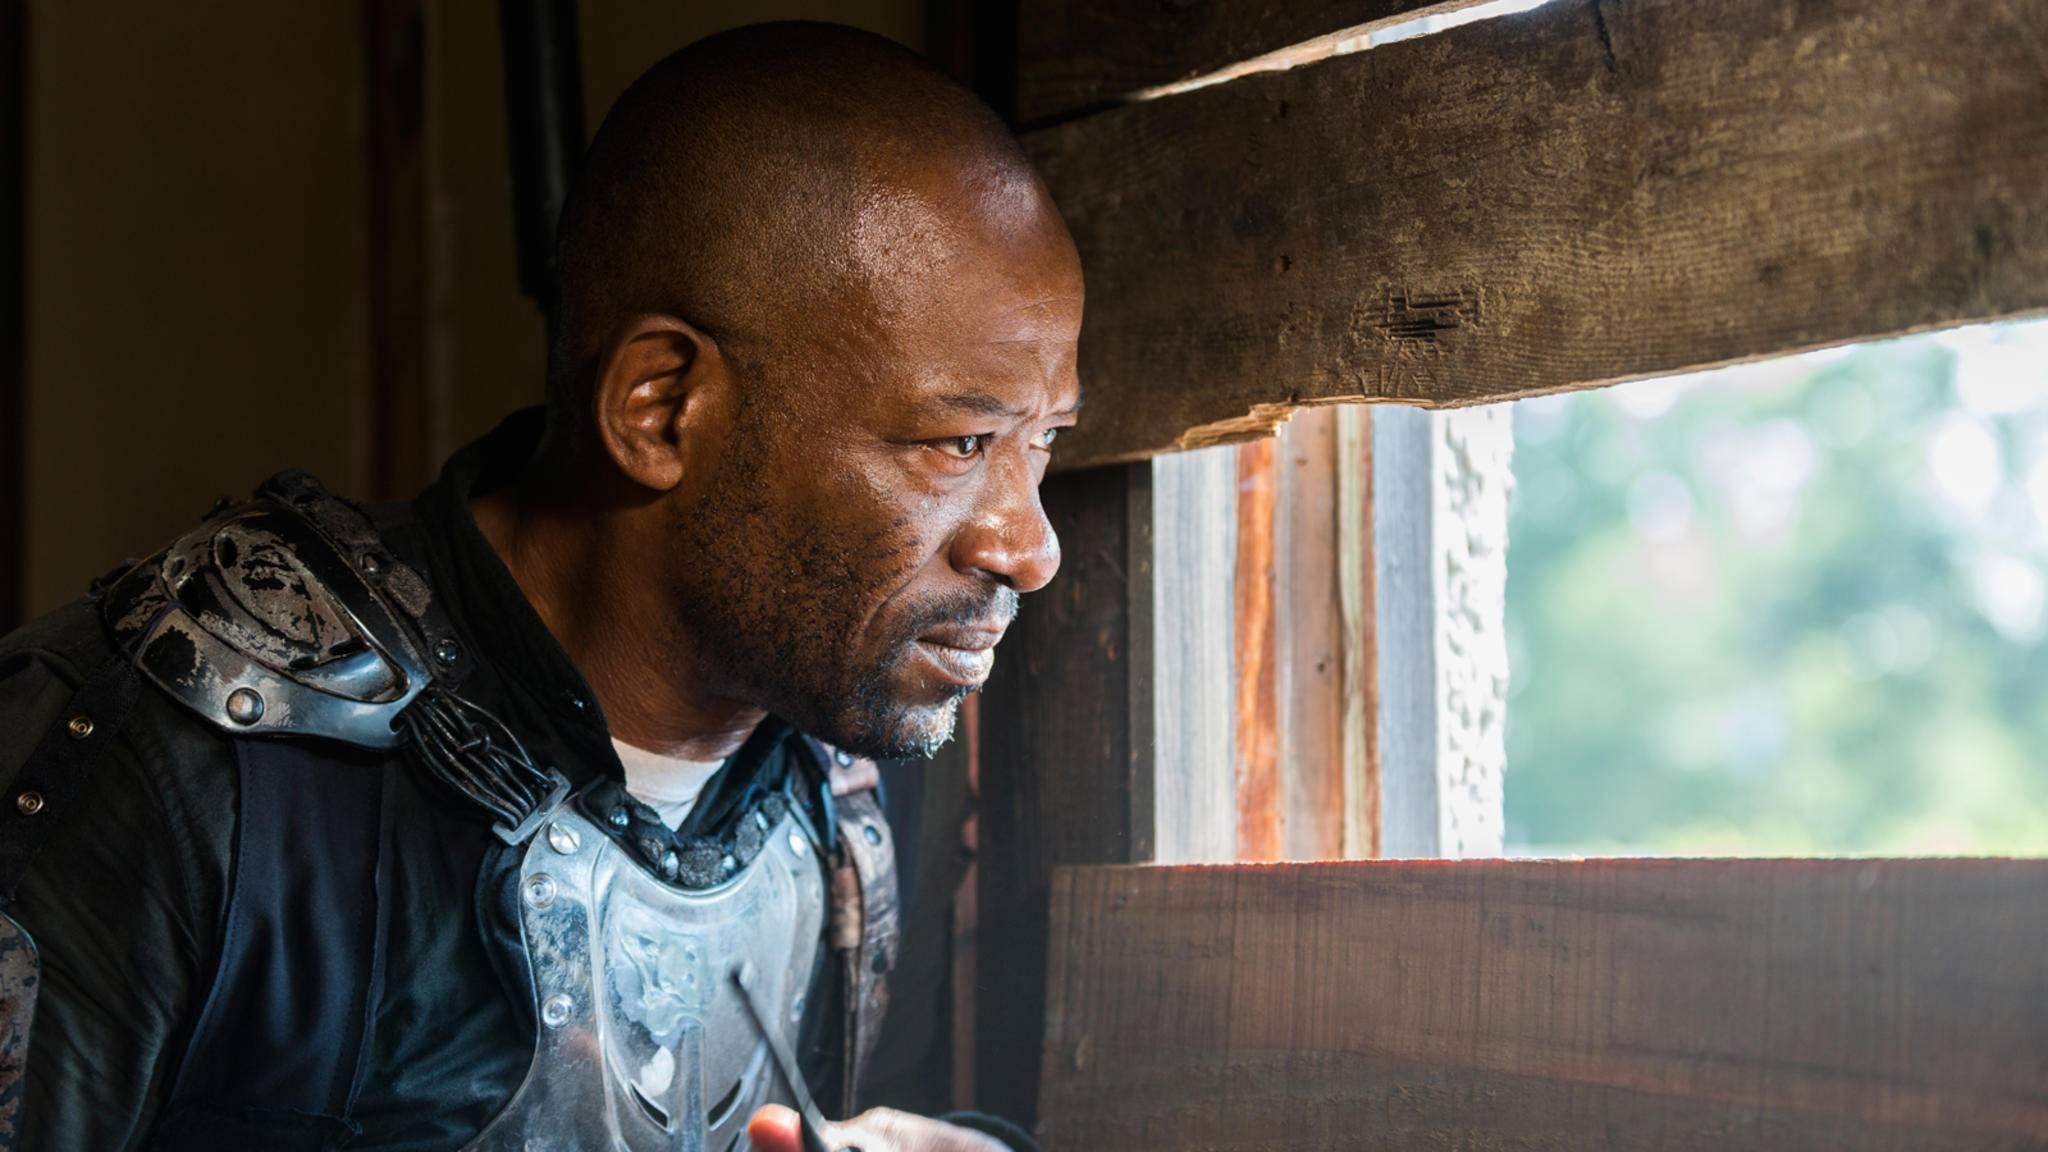 """Neue Bilder deuten an, wann das Crossover zwischen """"Fear the Walking Dead"""" und TWD stattfinden könnte."""